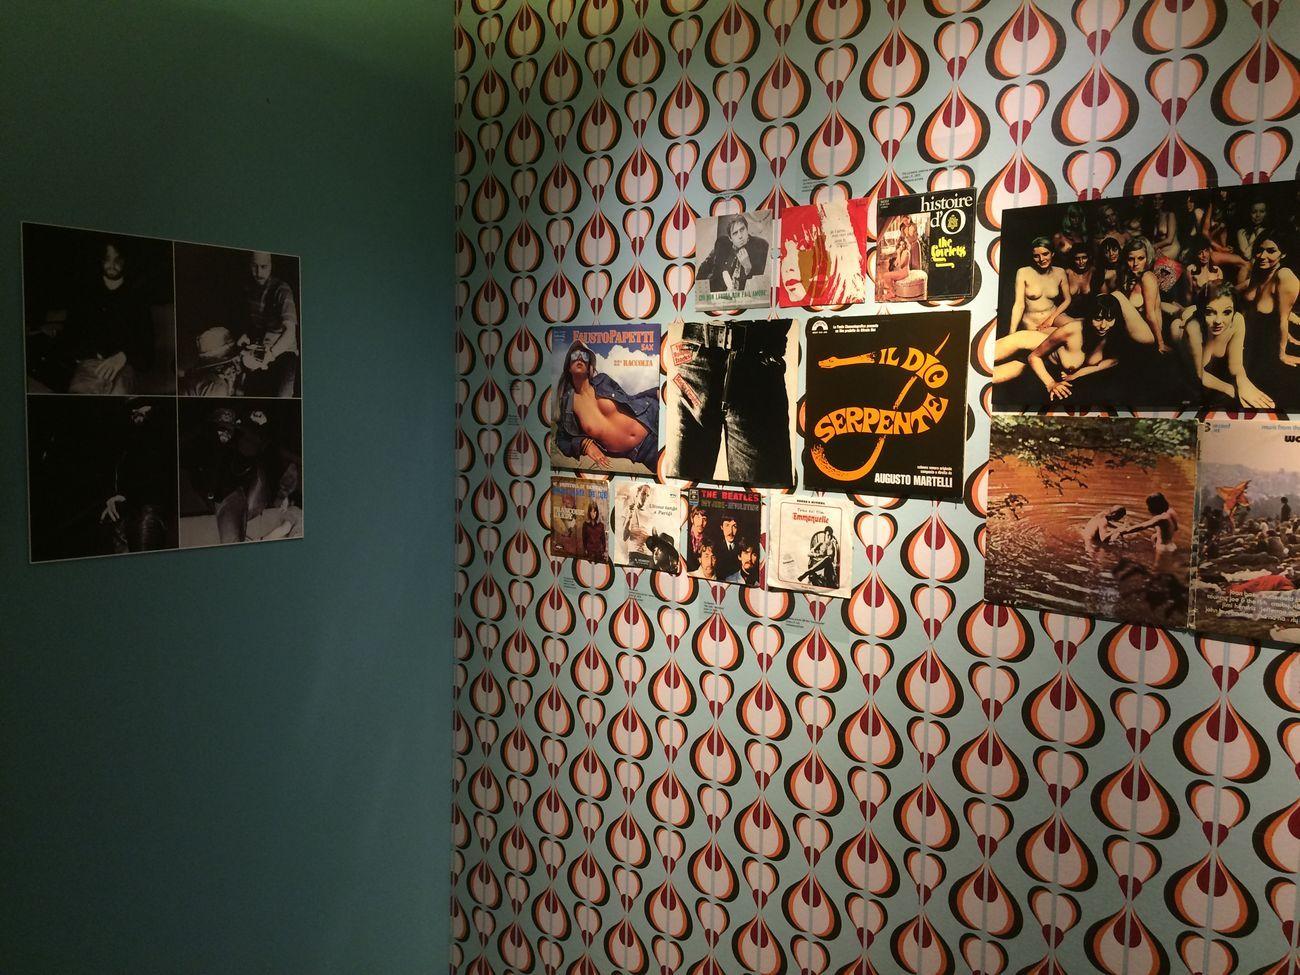 Sex & Revolution. Exhibition view at Palazzo Magnani, Reggio Emilia 2018